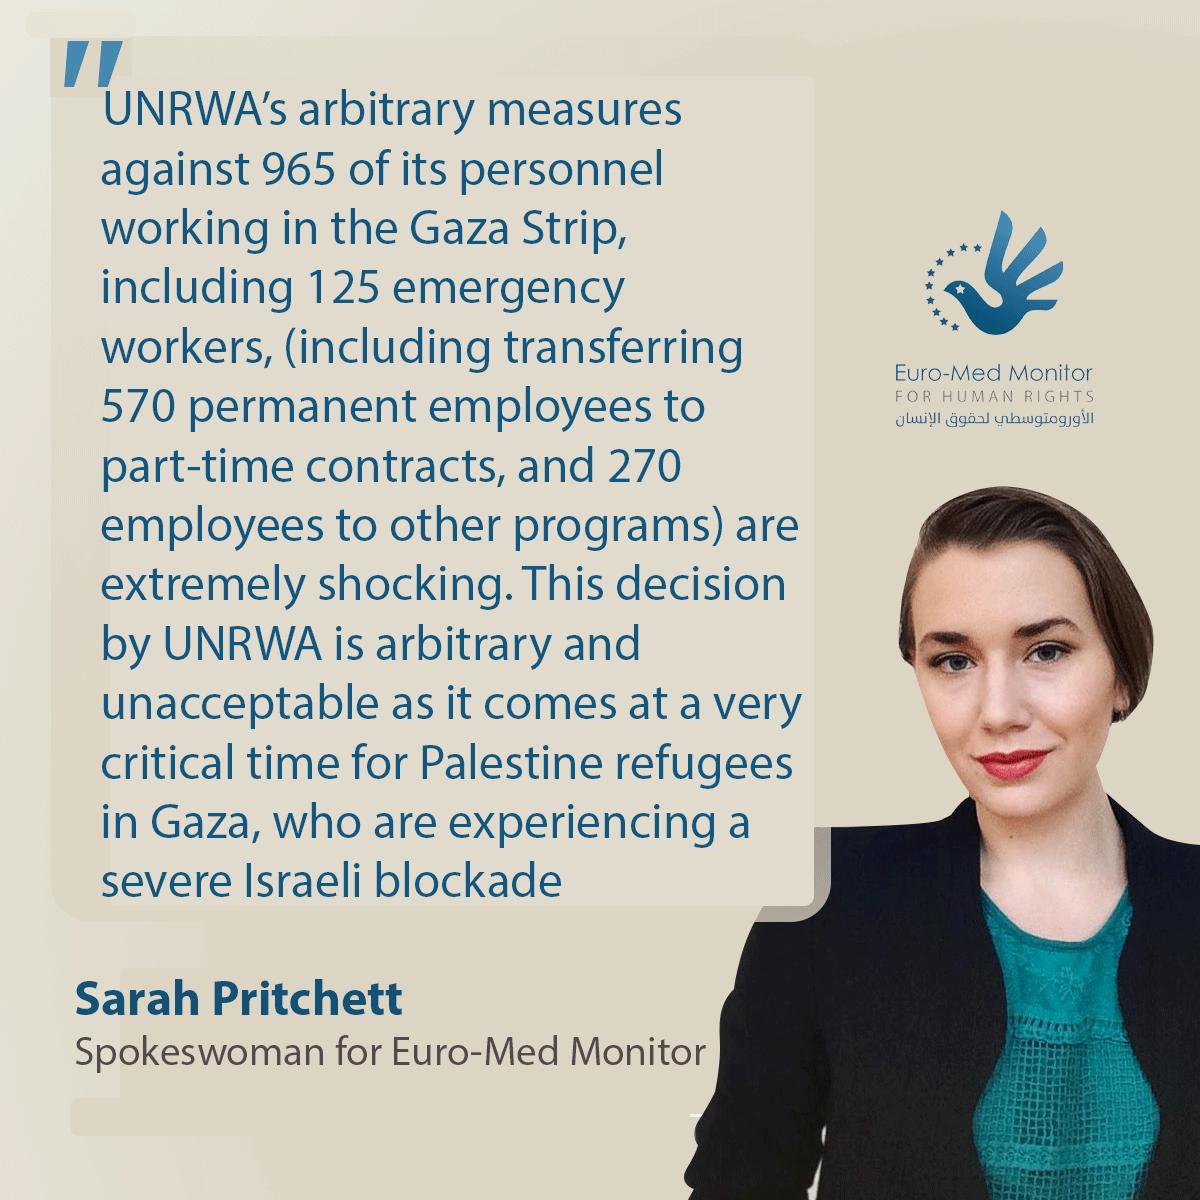 L'UNRWA prend des mesures arbitraires et injustifiées contre près de 1.000 de ses employés de Gaza